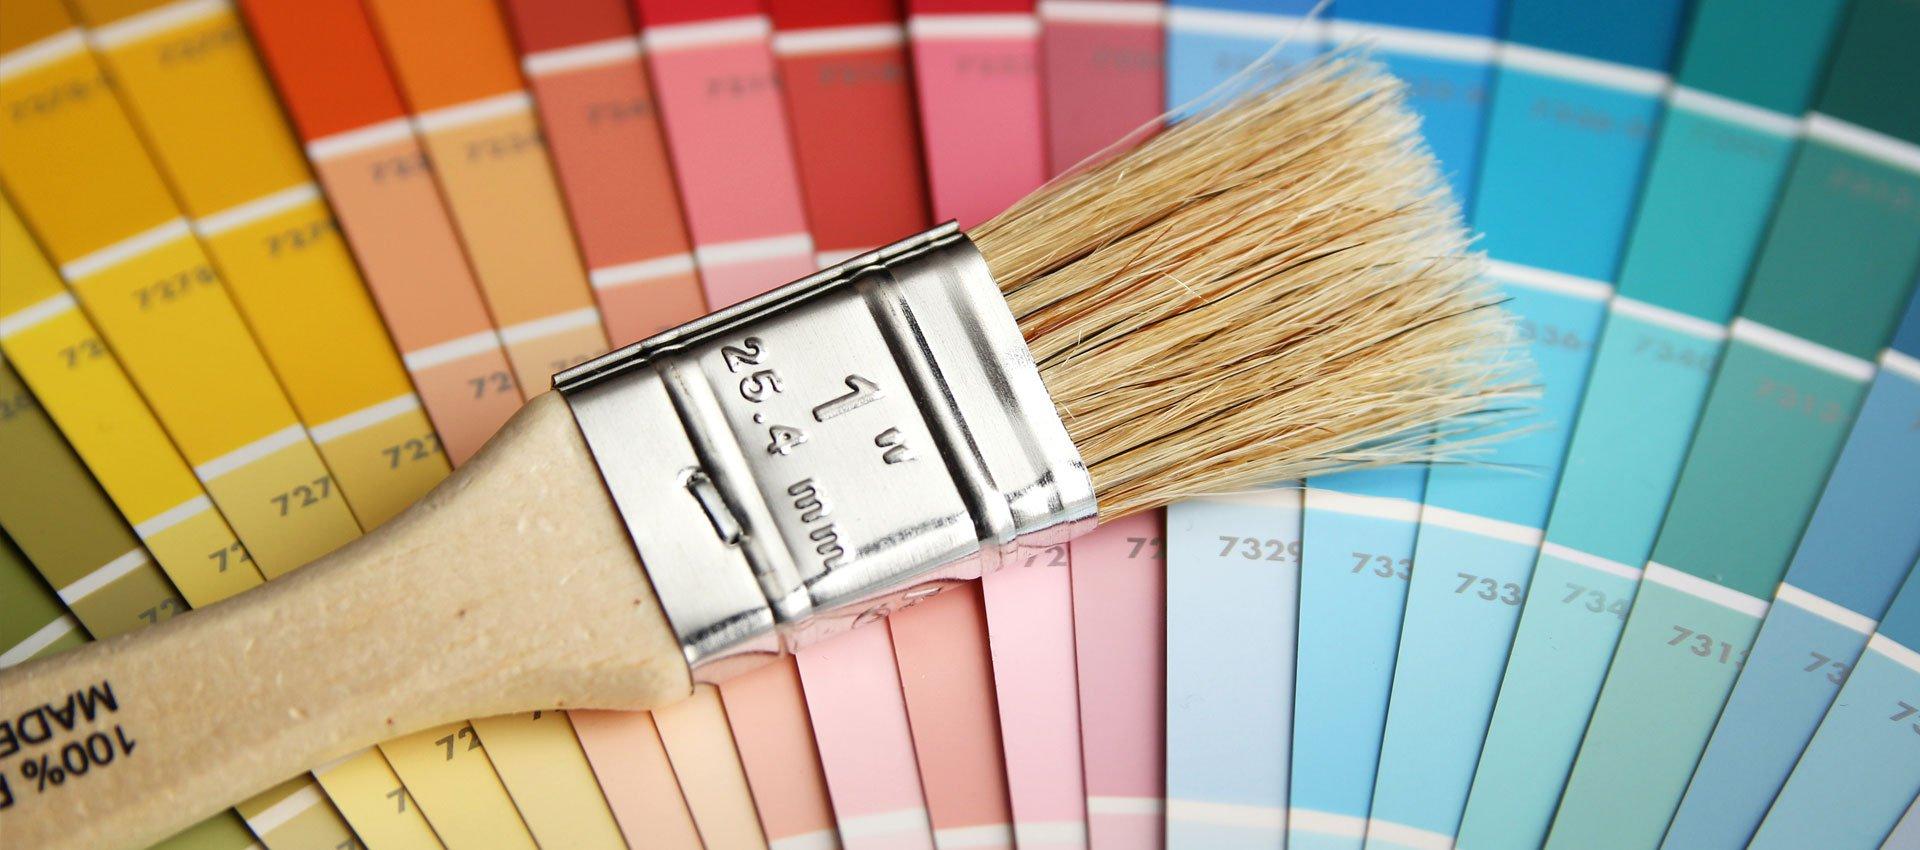 paint tones